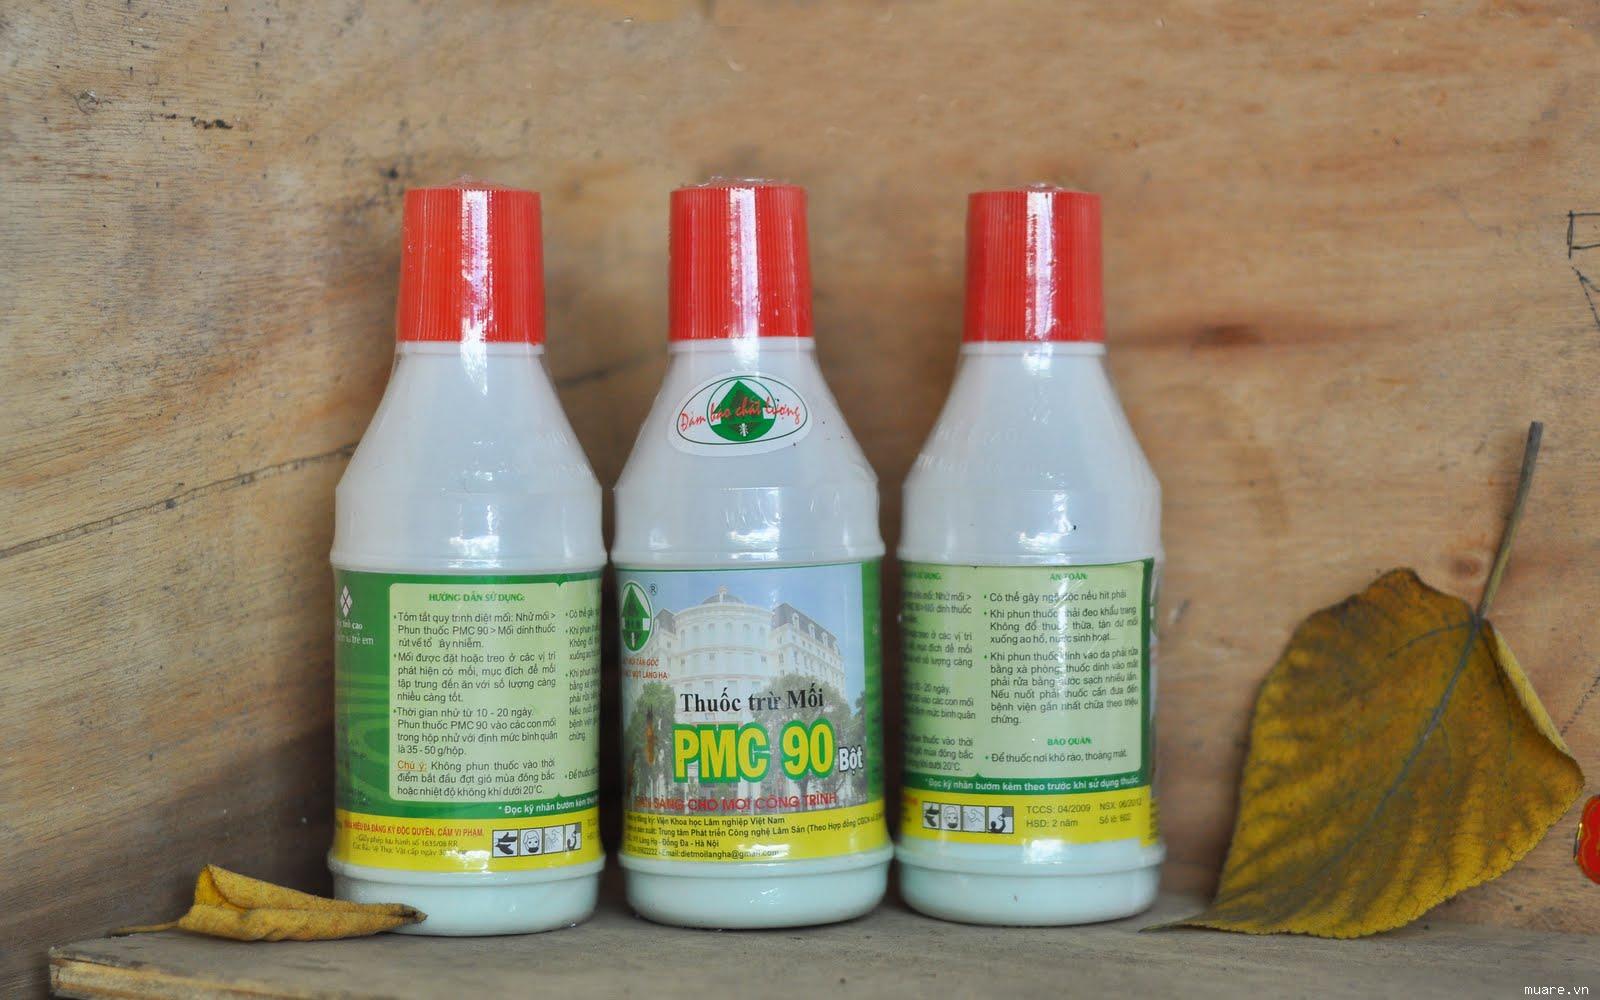 Hướng dẫn sử dụng thuốc diệt mối PMC 90 1